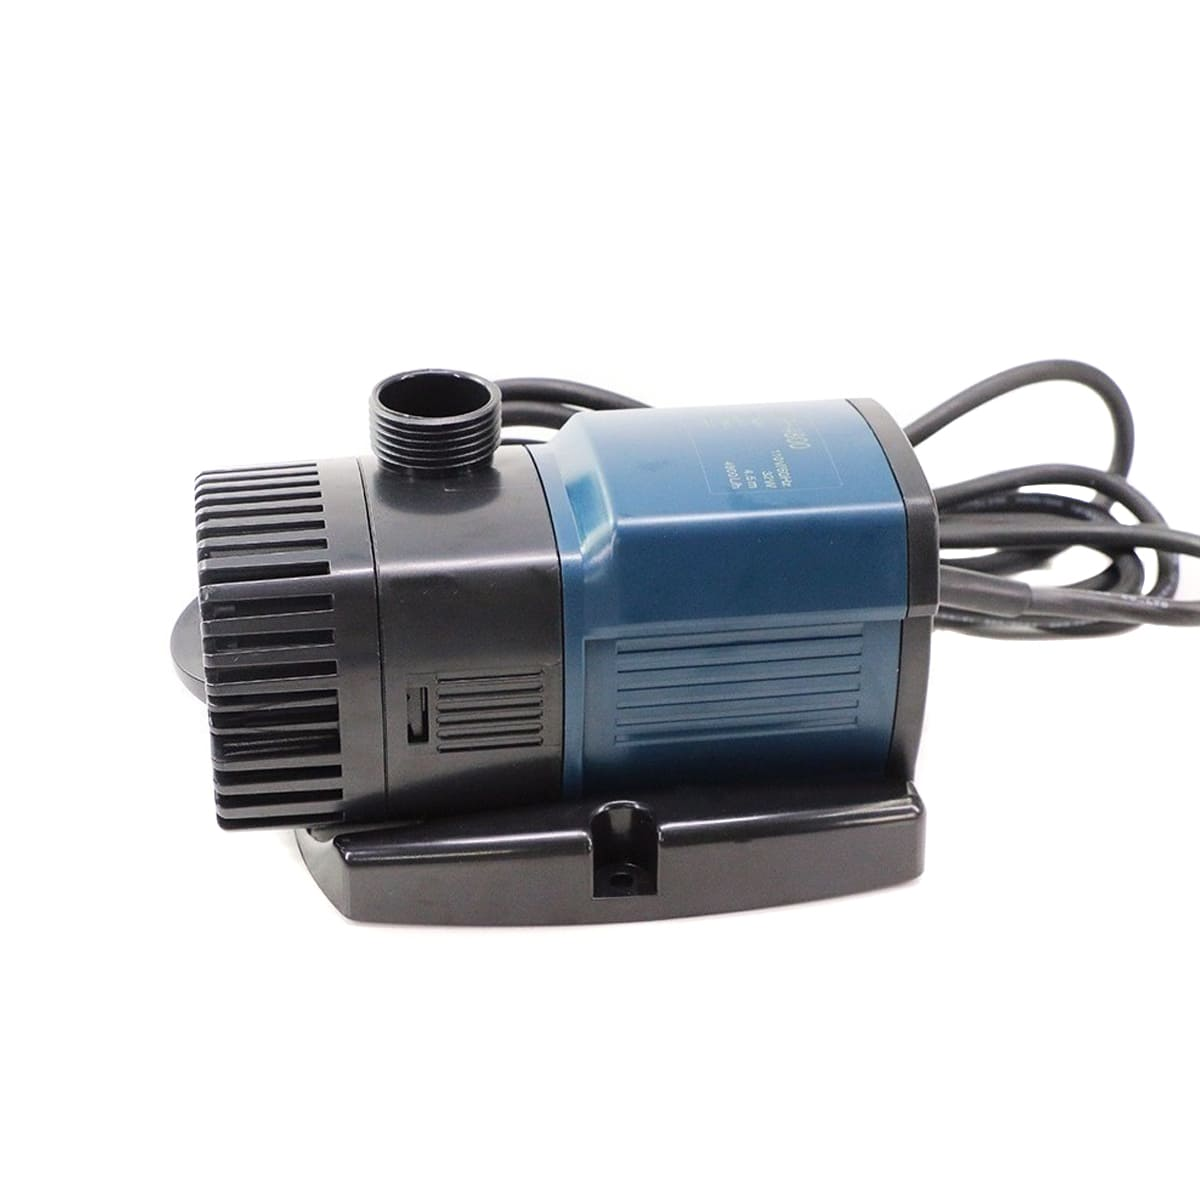 Bomba Submersa para Aquários e Lagos Sunsun Jtp 3800  3800l/h